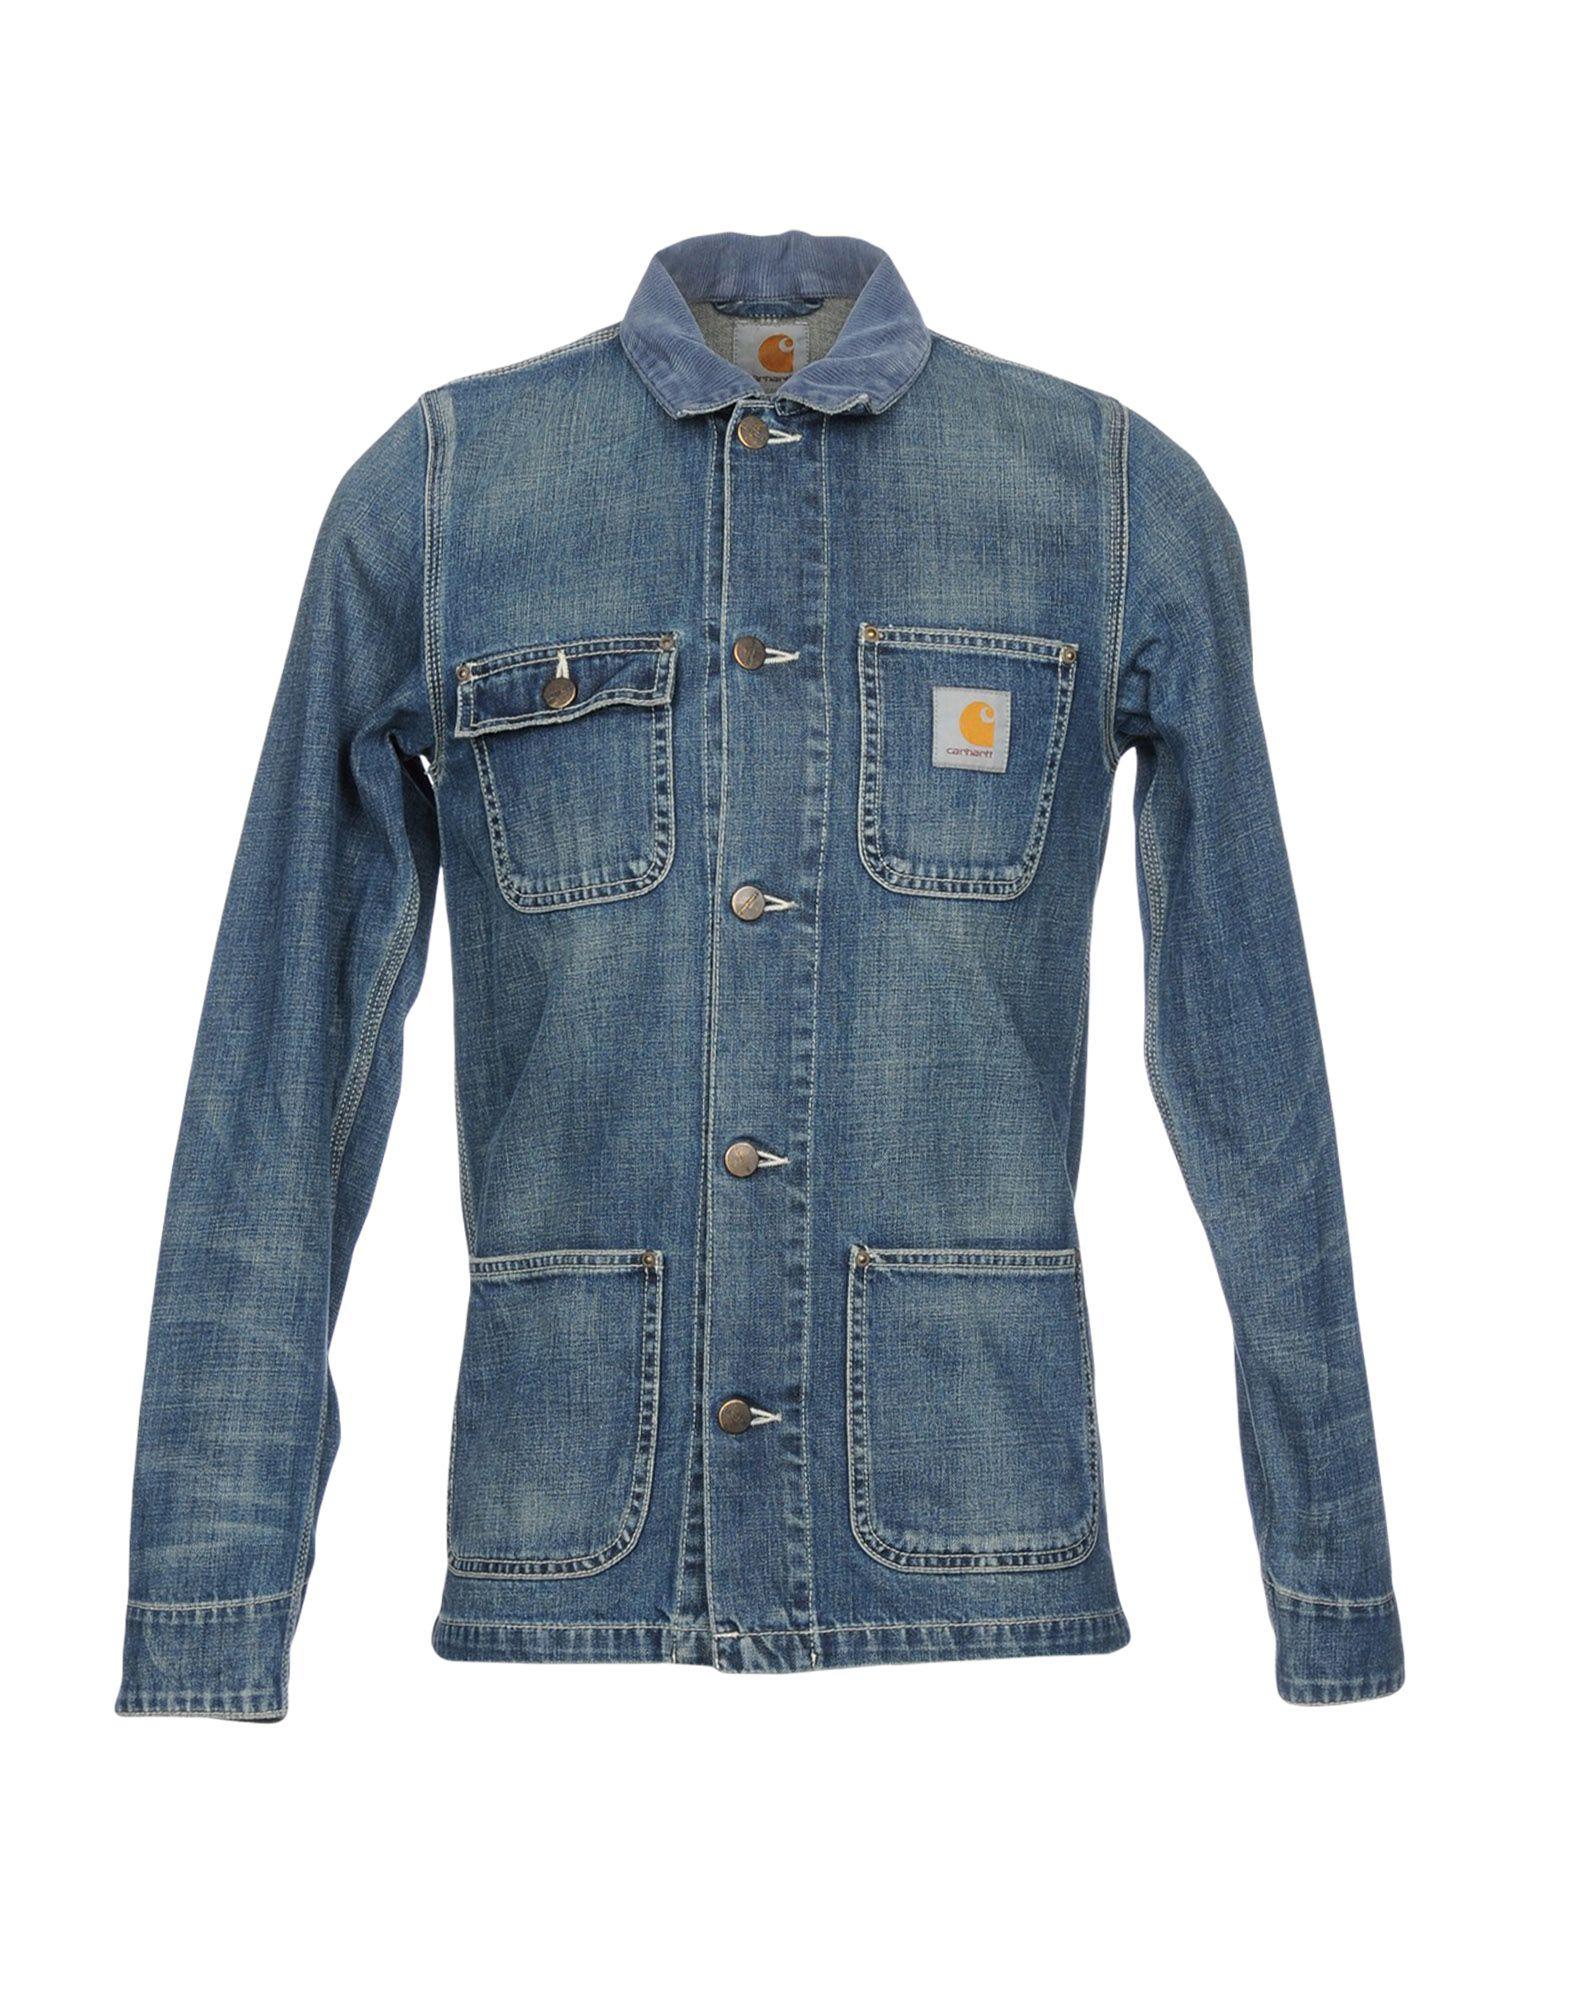 Giubbotto Jeans Carhartt Donna - Acquista online su